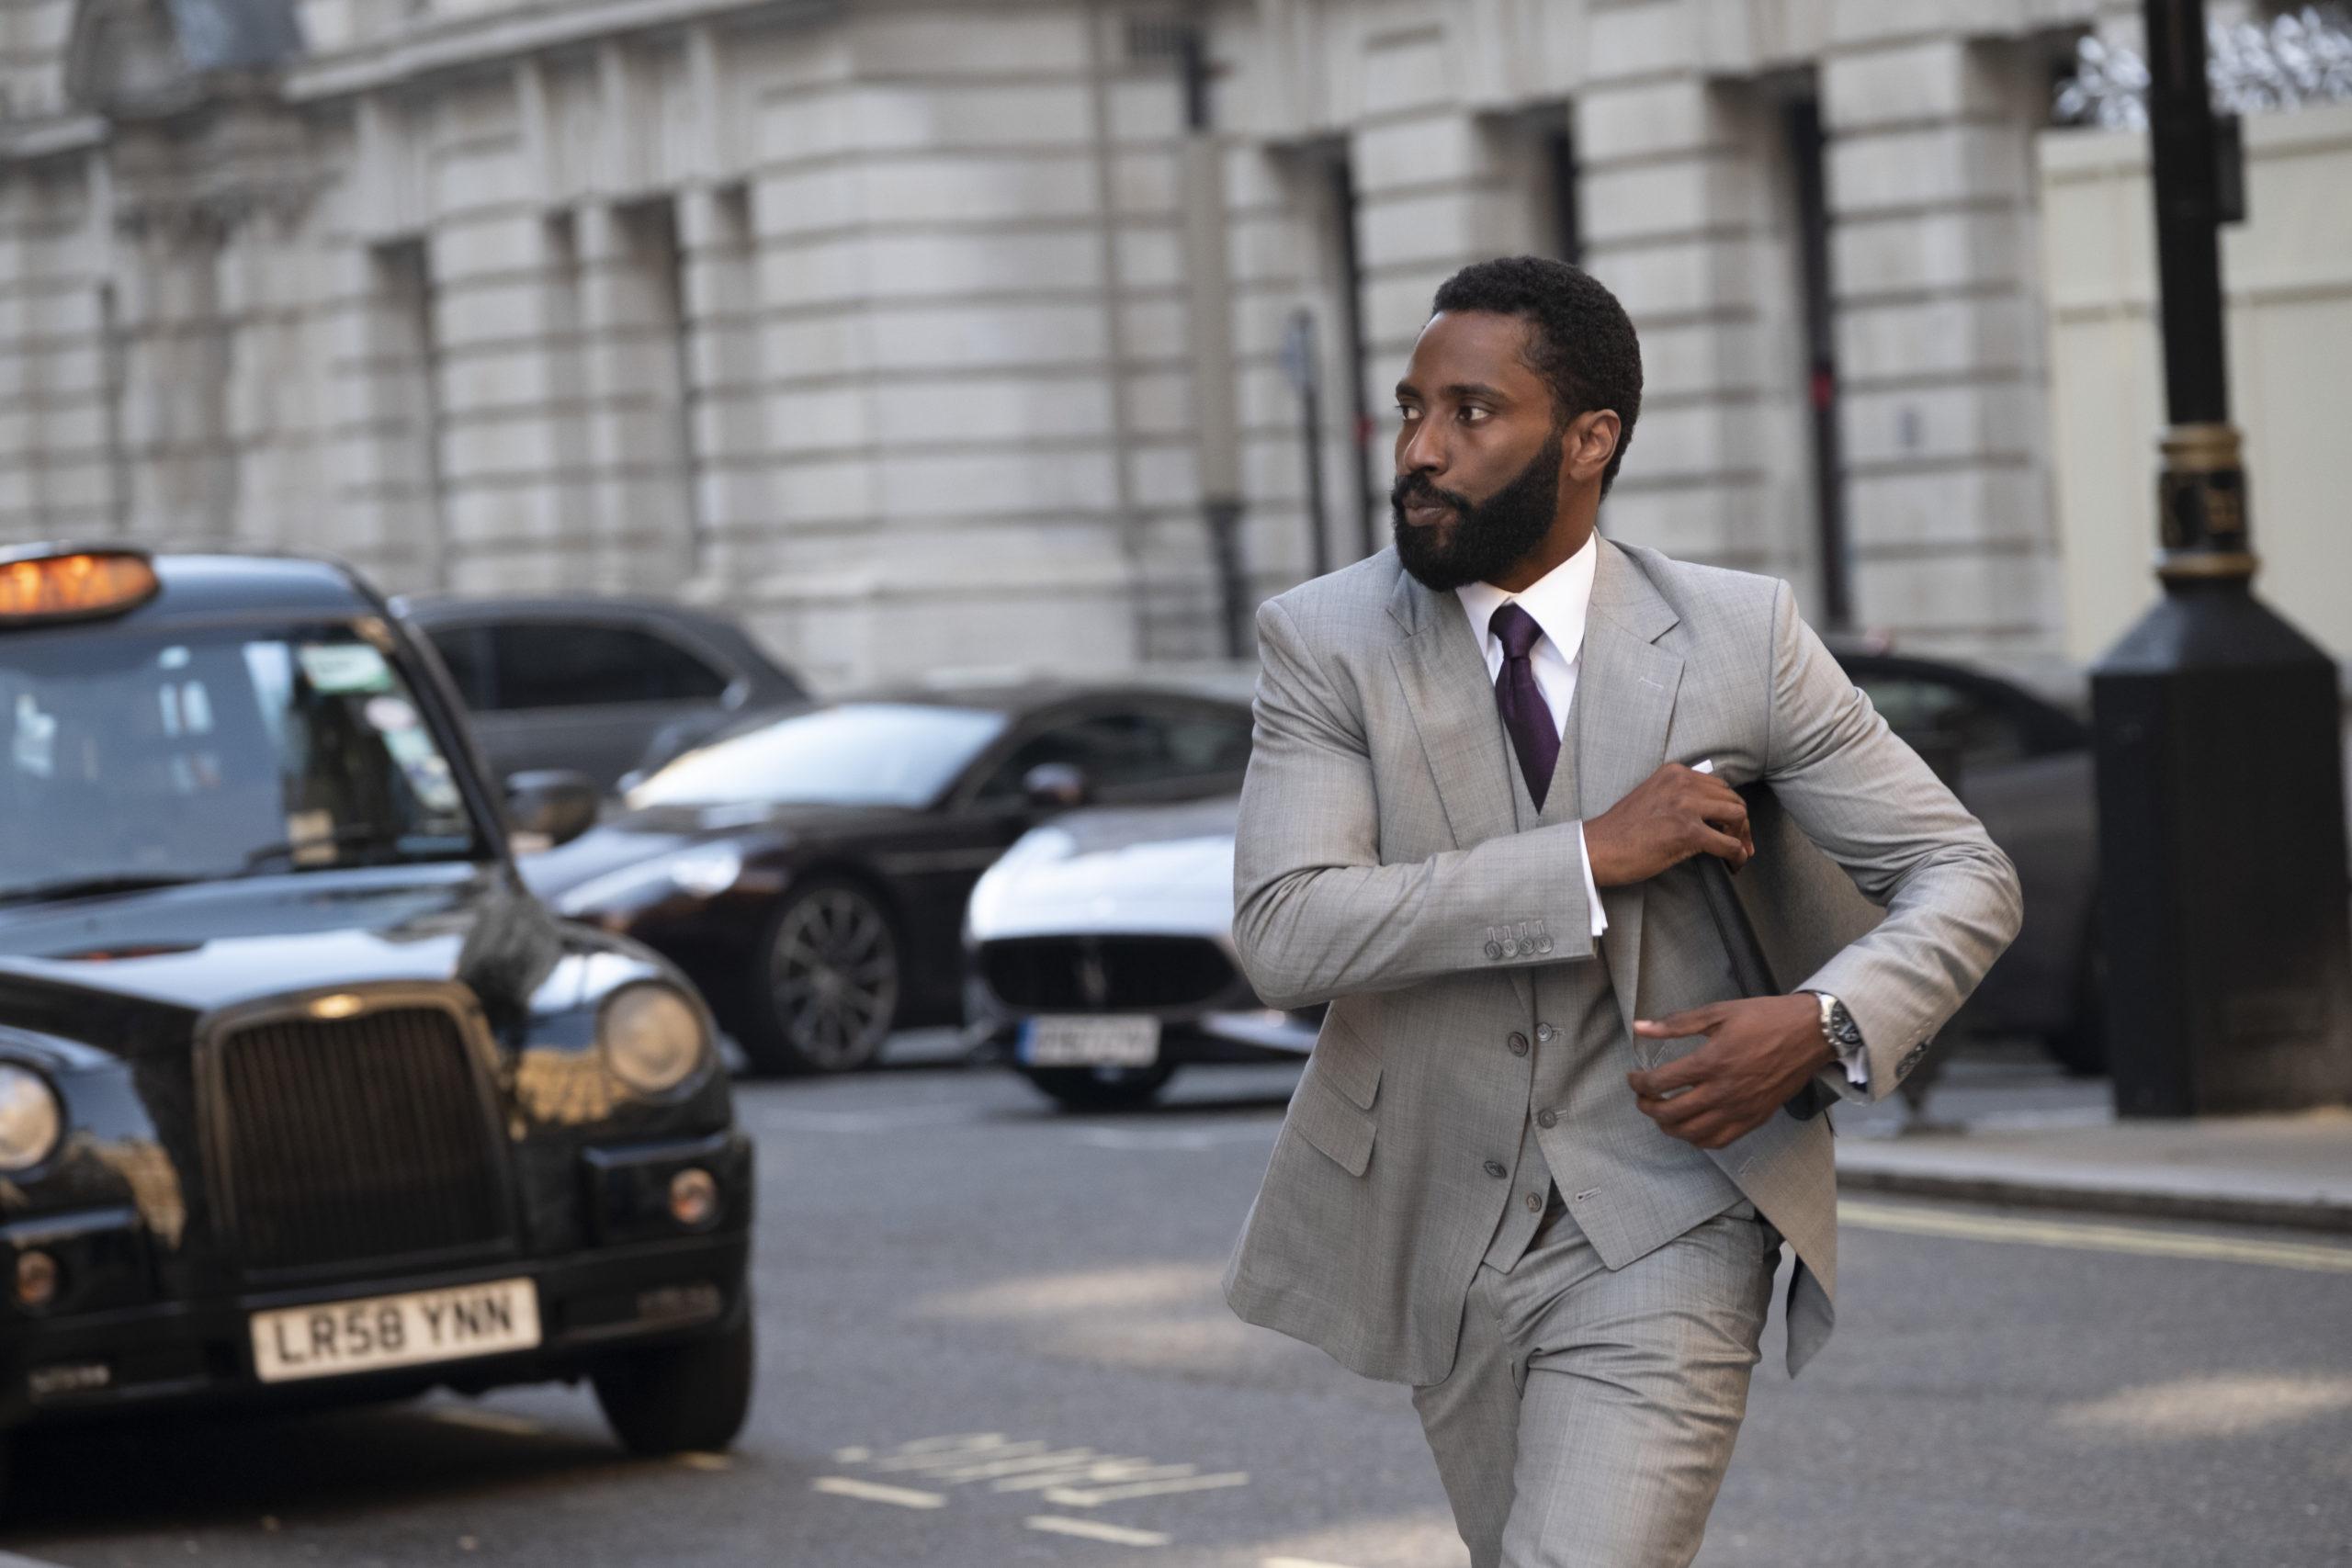 Der Protagonist (John David Washington) geht im Anzug durch die Stadt